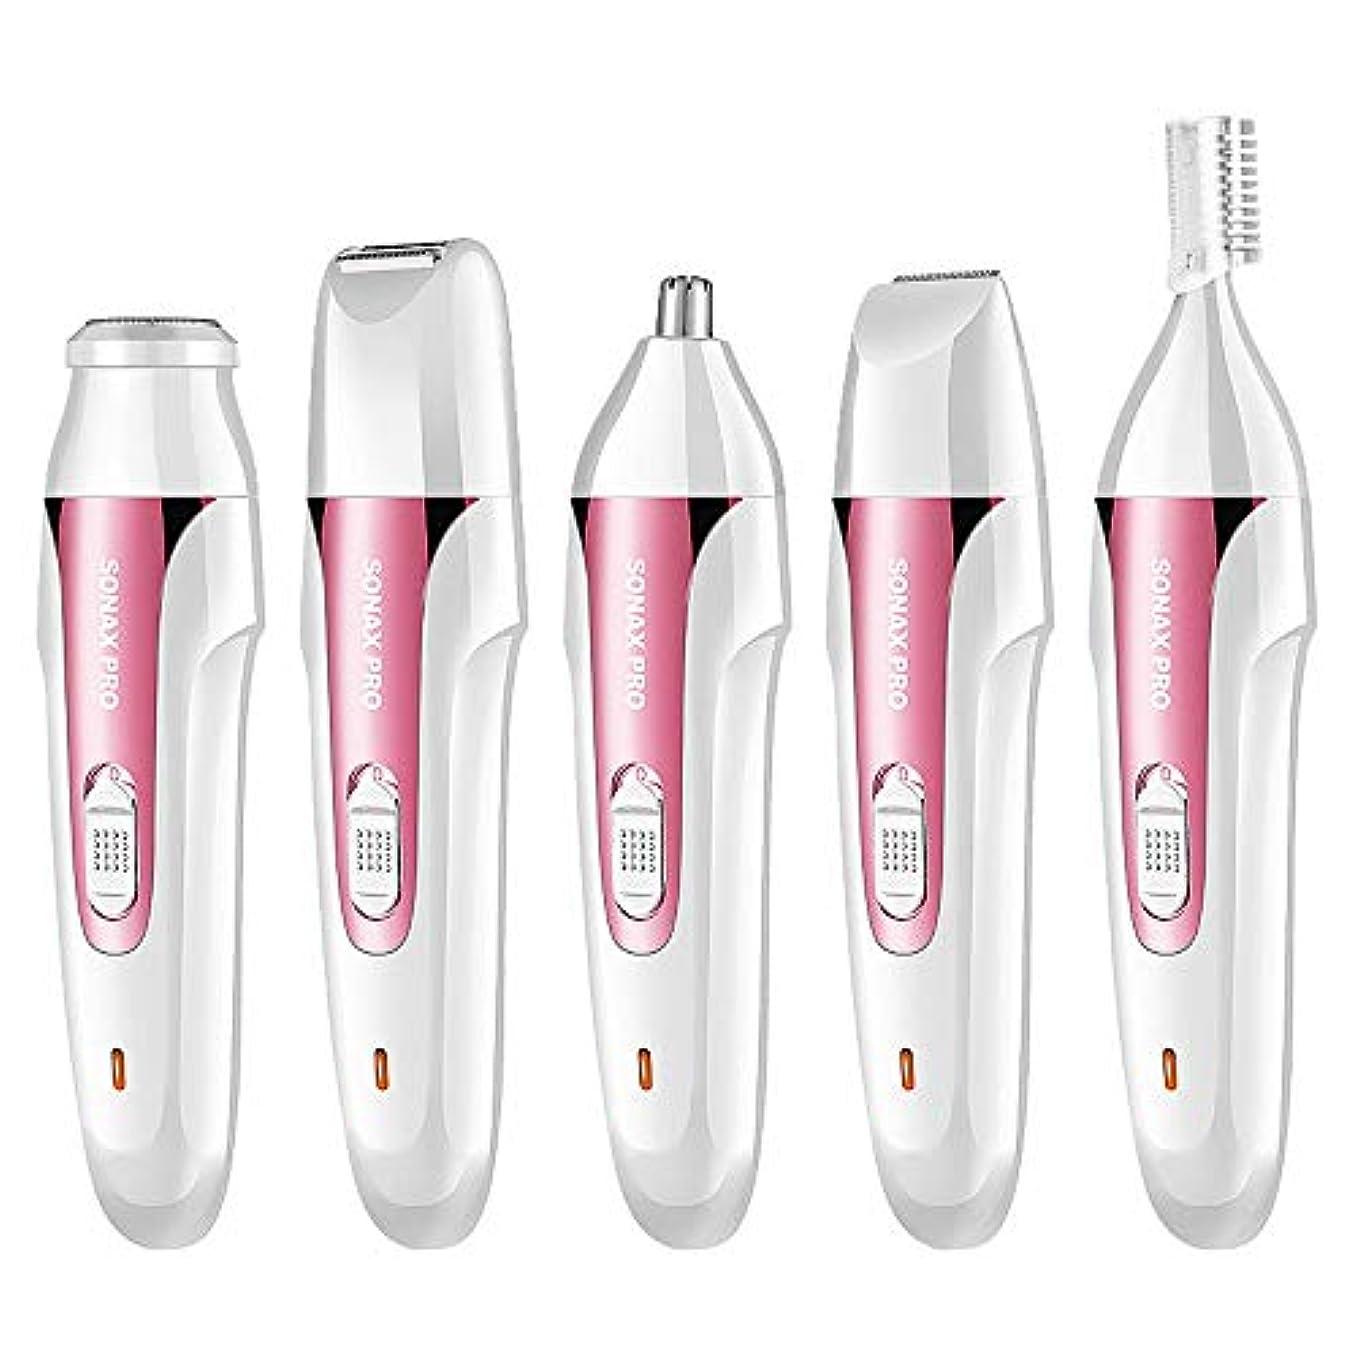 シャッフルガム詳細に電気鼻耳トリマー、眉毛トリマー、オールインONEヘアーリムーバー女性、無痛カミソリテクノロジー メンズ ムダ毛トリマー 耳毛 鼻毛切り (Color : Pink, Size : USB)